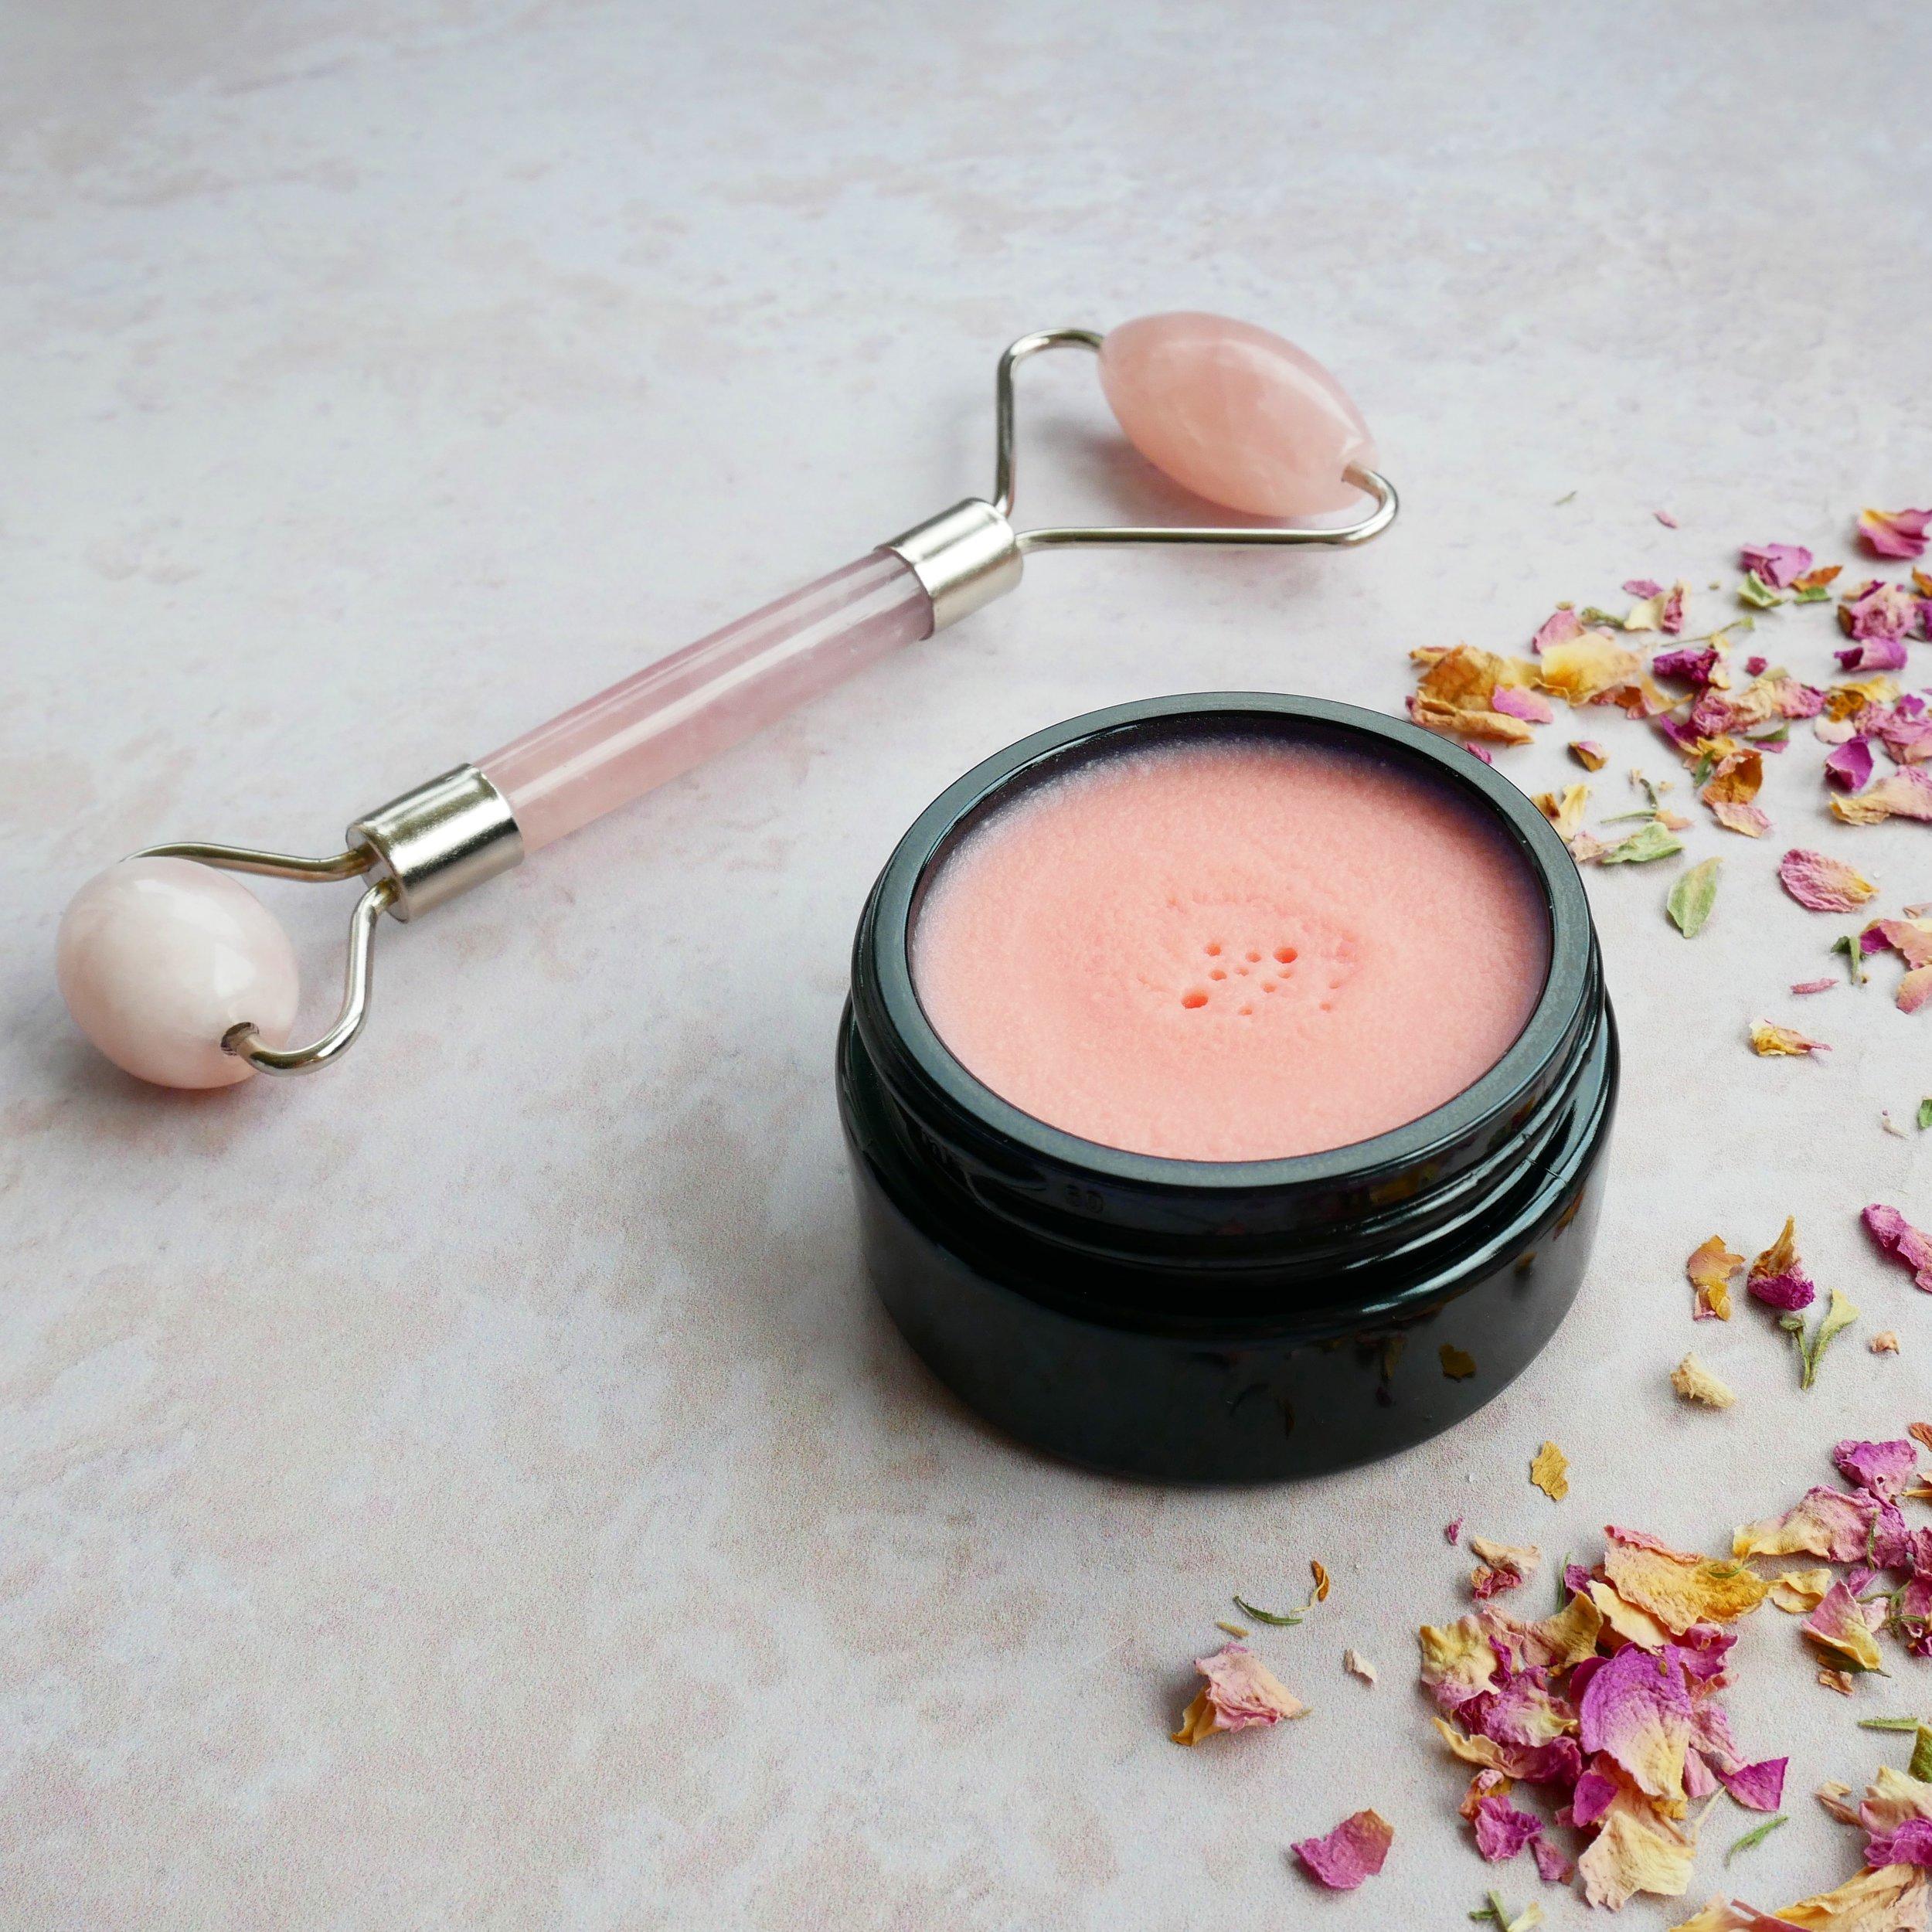 lyserød facebalm opskrift til lifting og sensitiv hud rosakvarts ansigtsrulle rosakvarts rulle rose quartz face roller jaderoller jaderulle